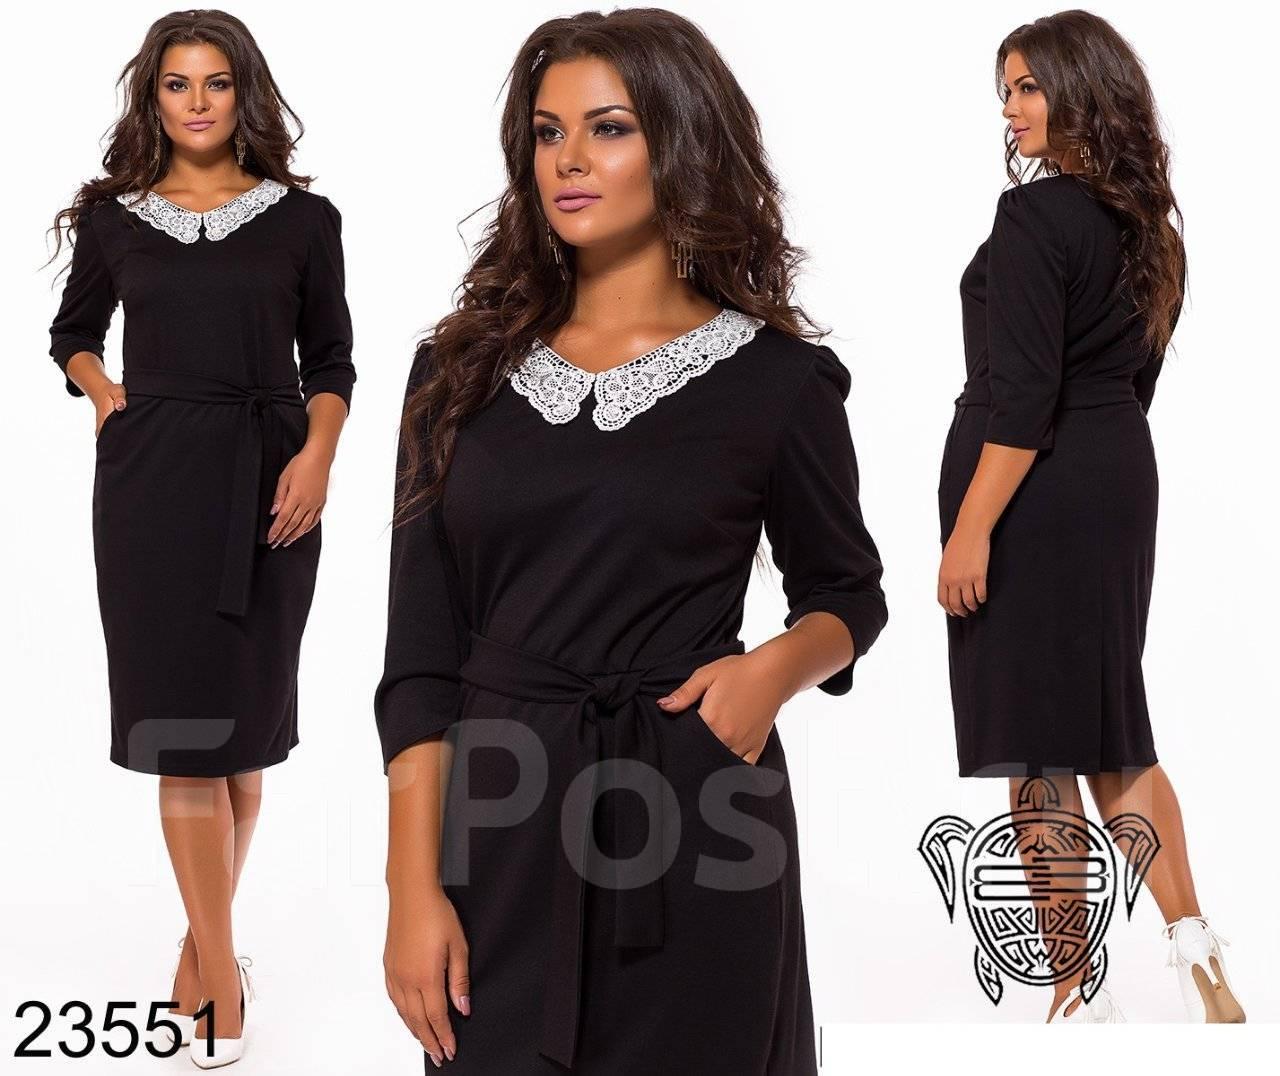 c357f3a4301 Купить женские платья Размер  54 размера во Владивостоке! Цены. Сезон -  Демисезон.